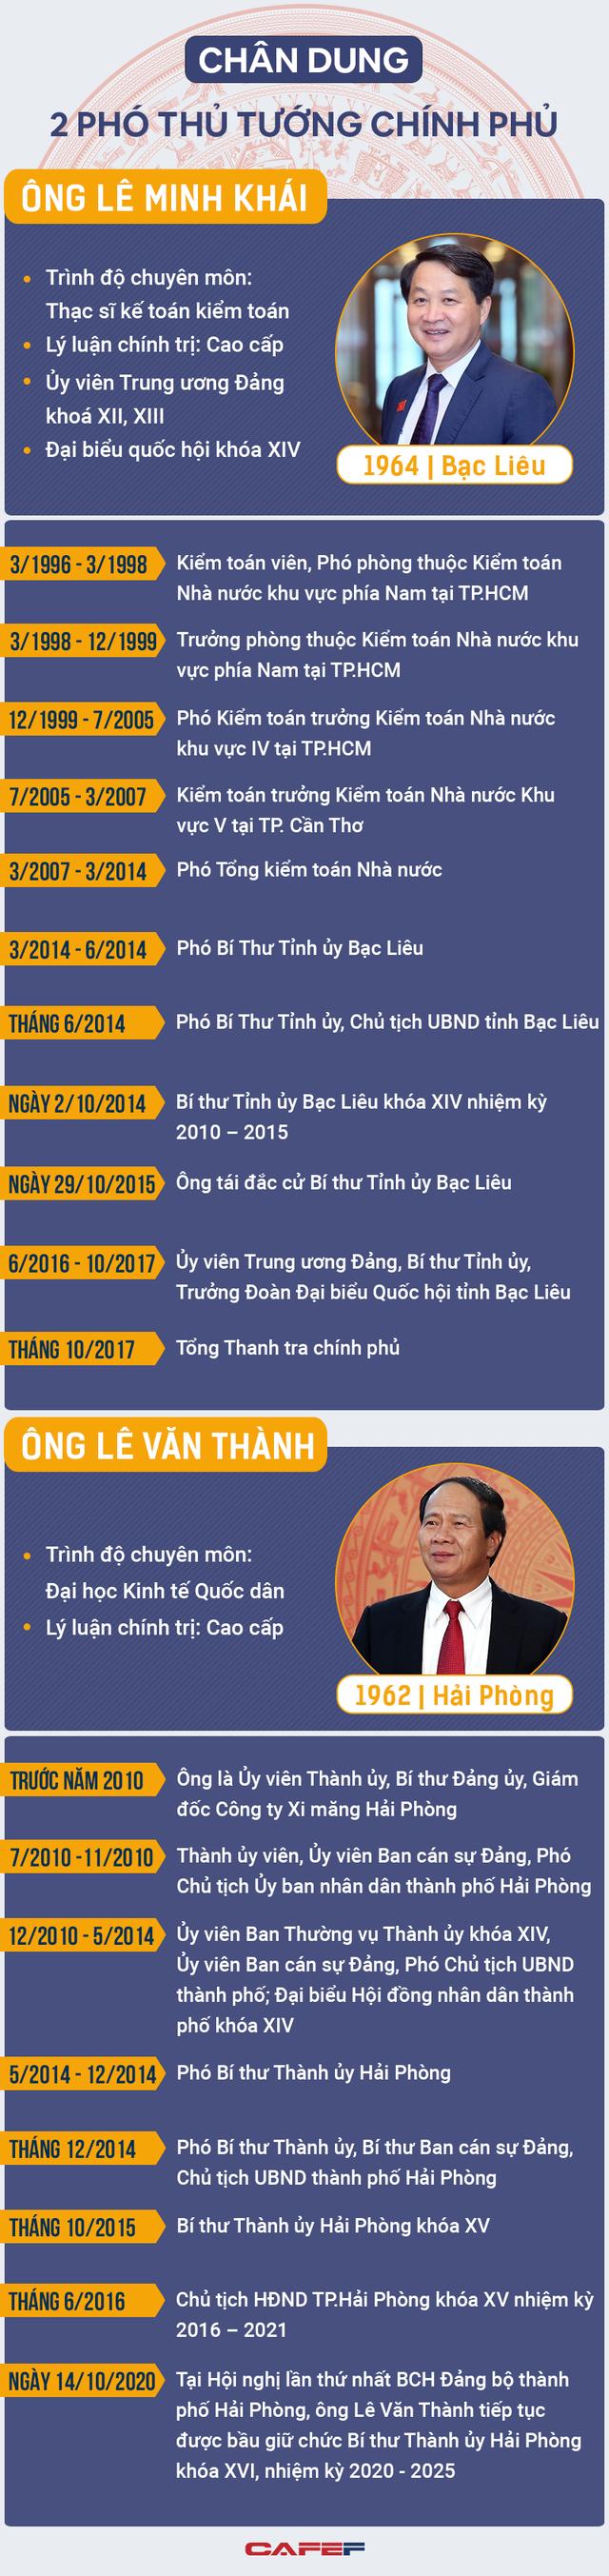 Infographic: Chân dung 2 tân Phó thủ tướng Lê Minh Khái, Lê Văn Thành - Ảnh 1.